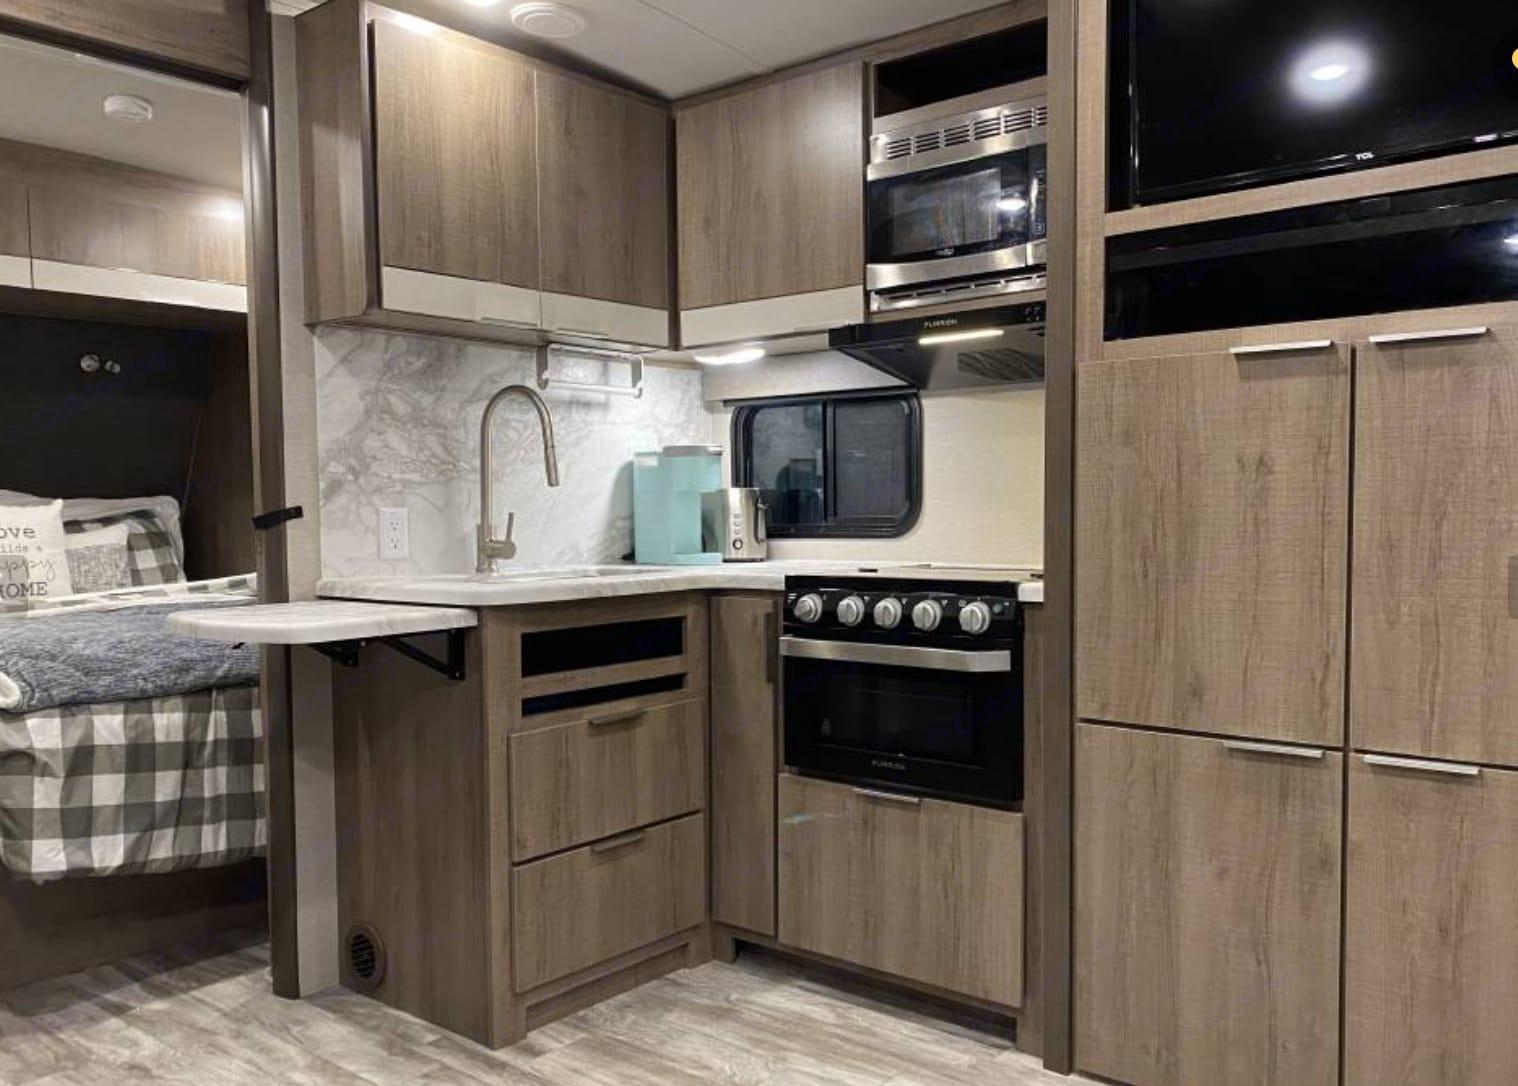 Grand Design Imagine 2400BH 2020